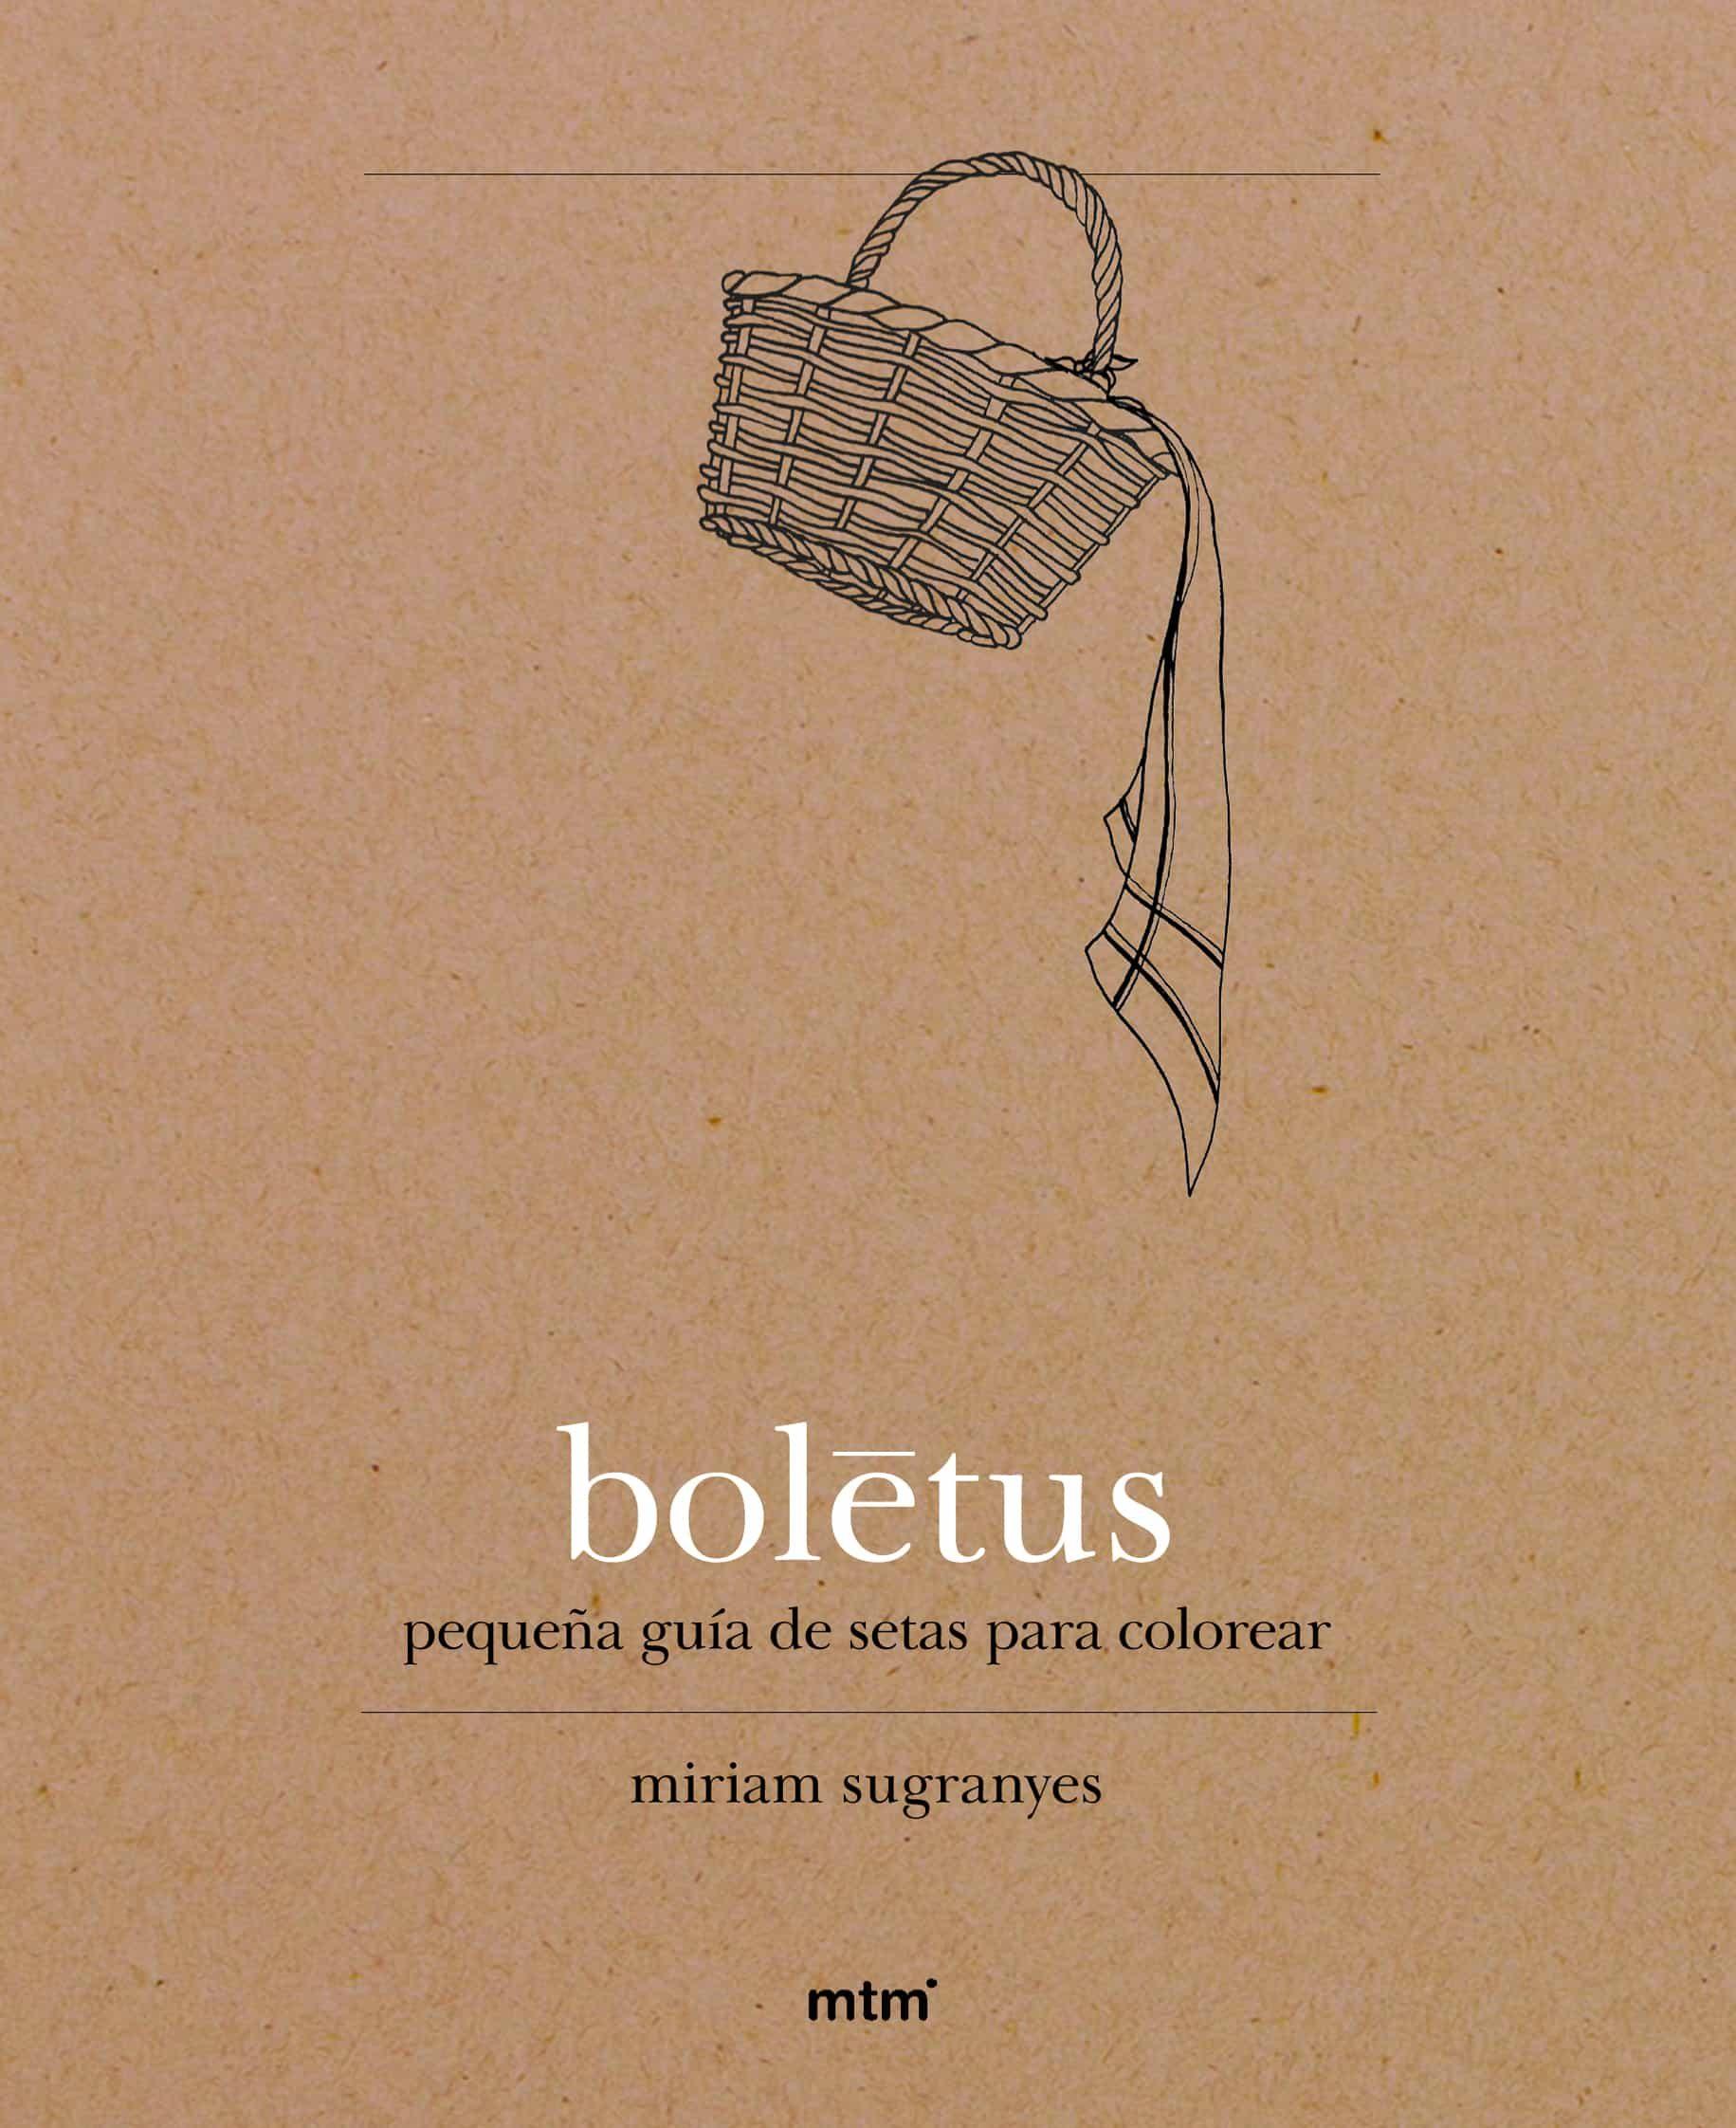 BOLETUS: PEQUEÑA GUIA DE SETAS PARA COLOREAR | MIRIAM SUGRANYES ...